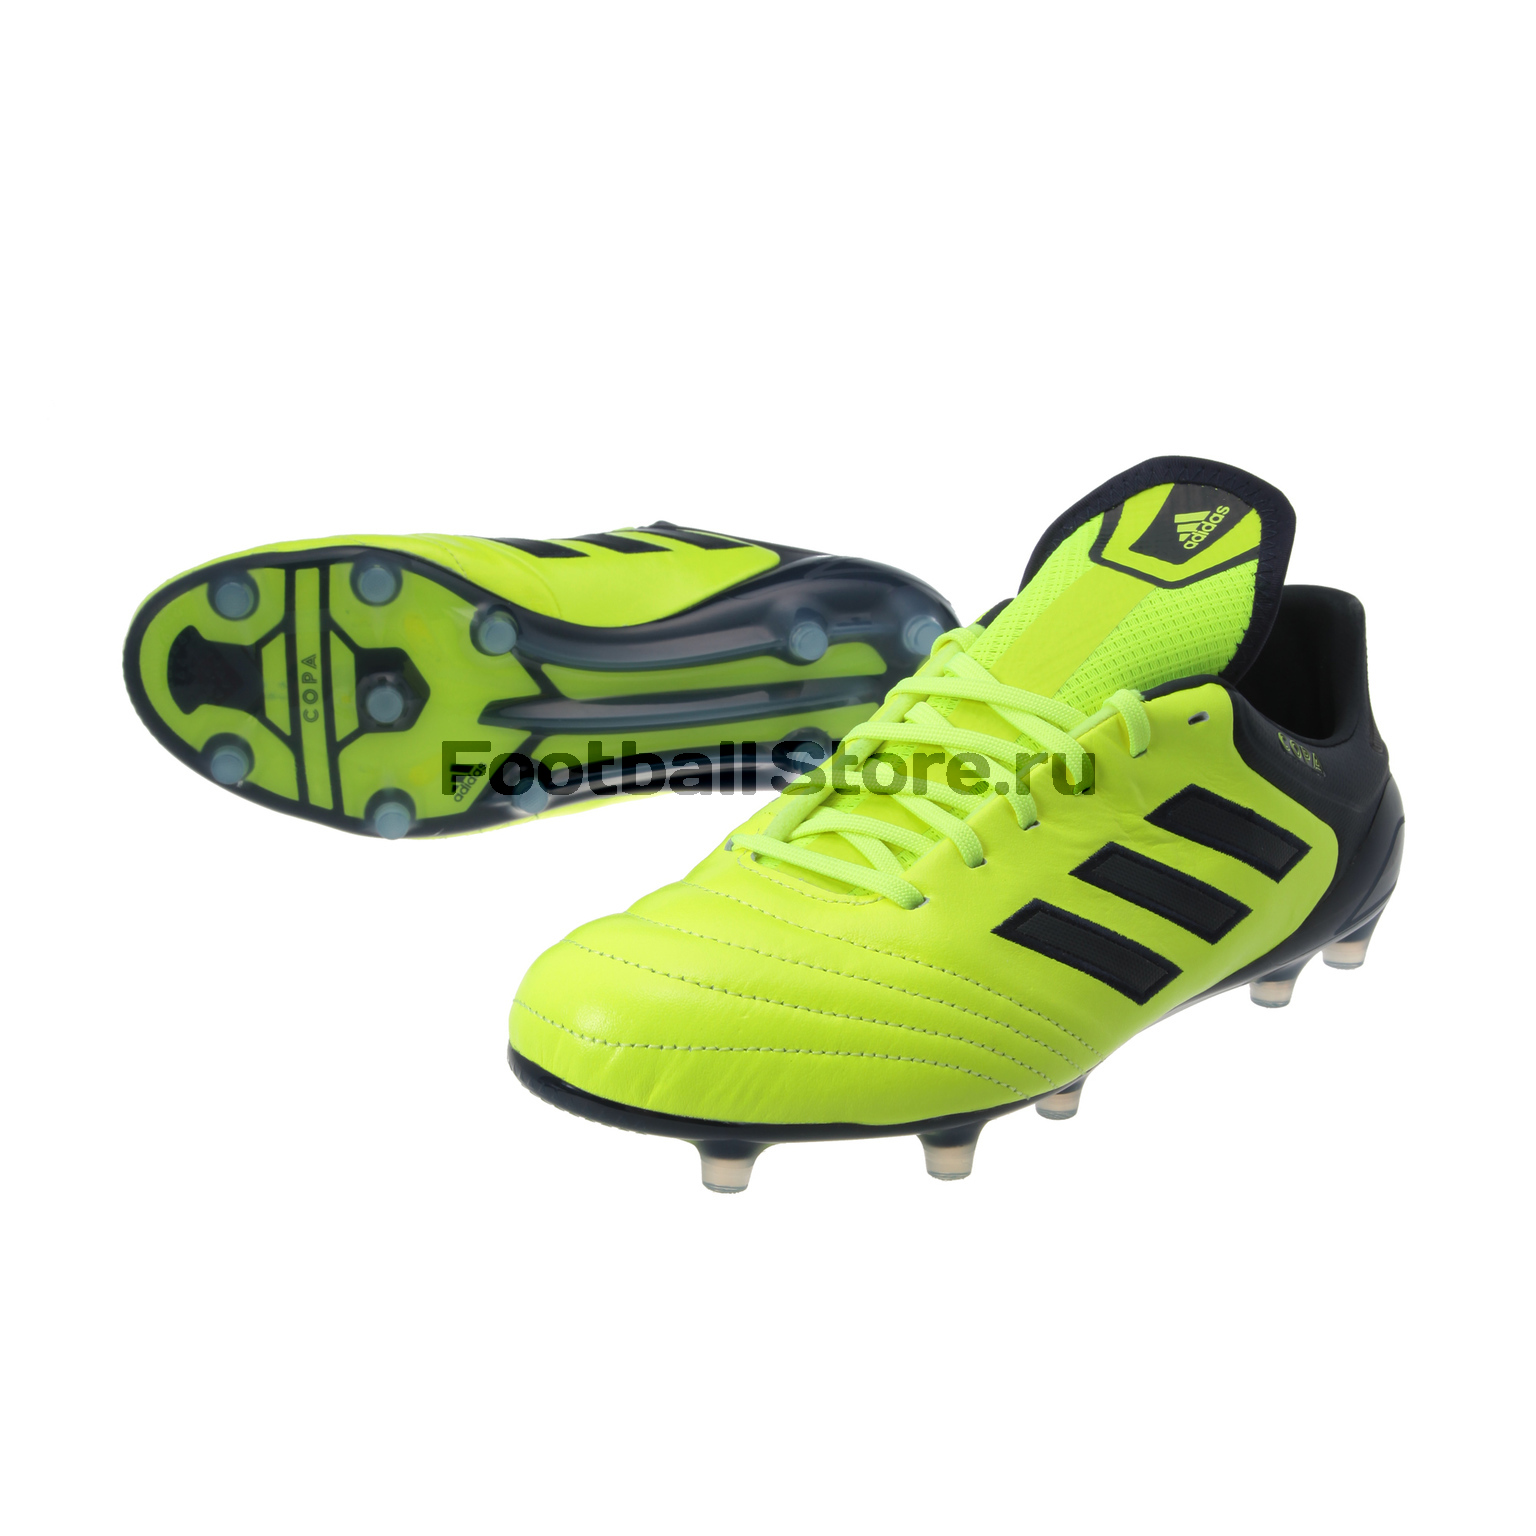 Бутсы Adidas Copa 17.1 FG S77126 бутсы adidas x 17 1 fg bb6353